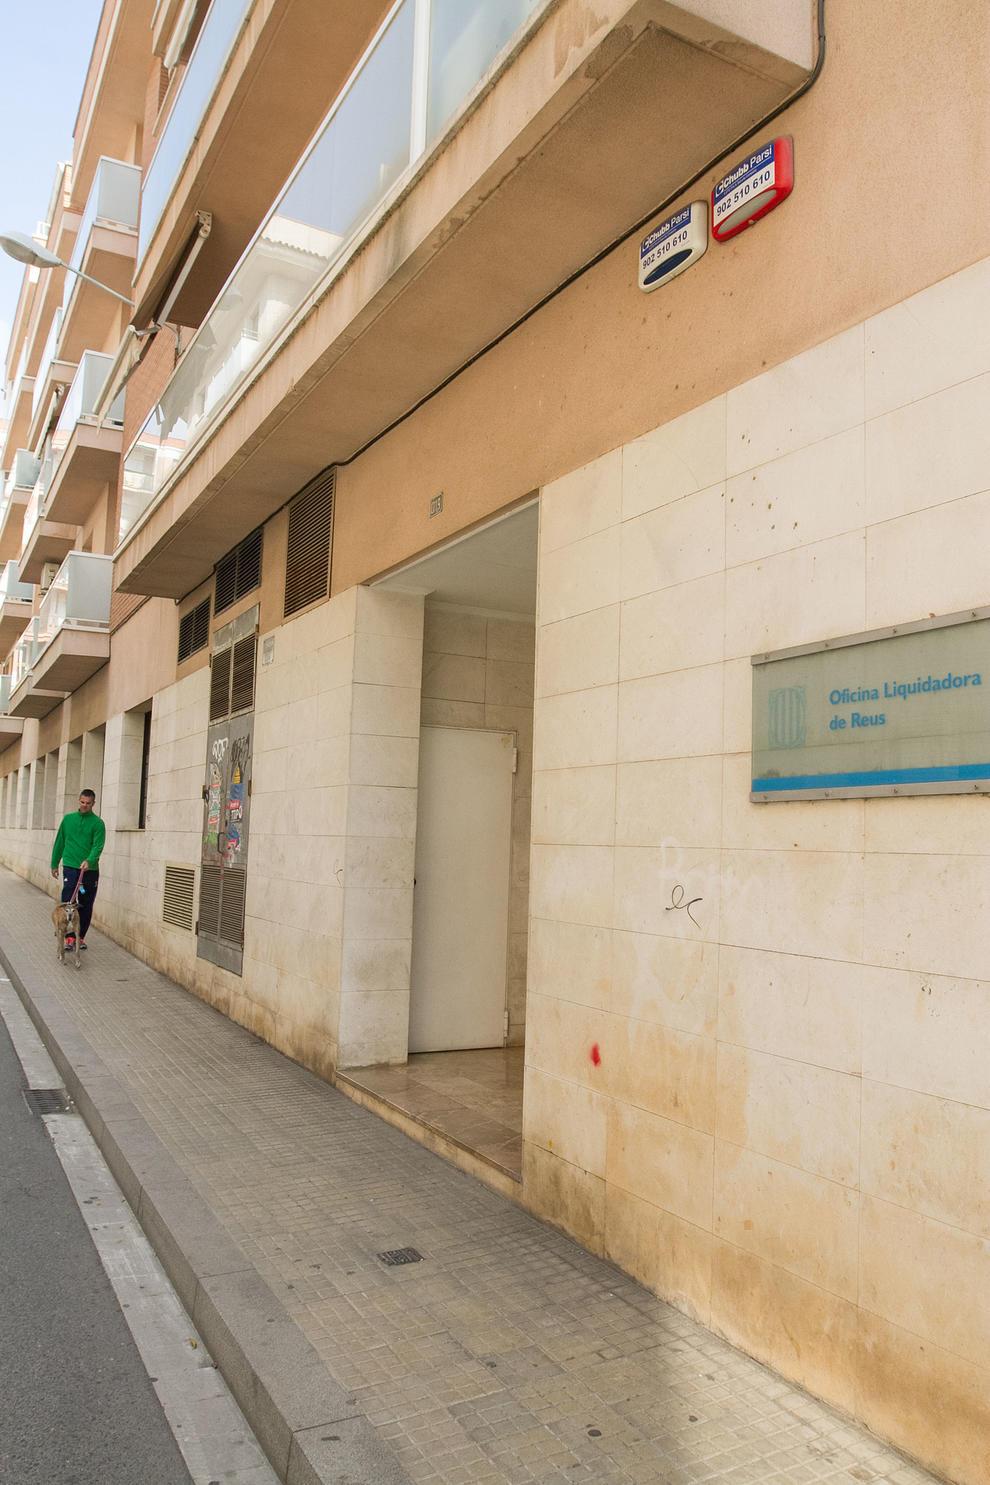 incertidumbre por la hisenda catalana en los empleados